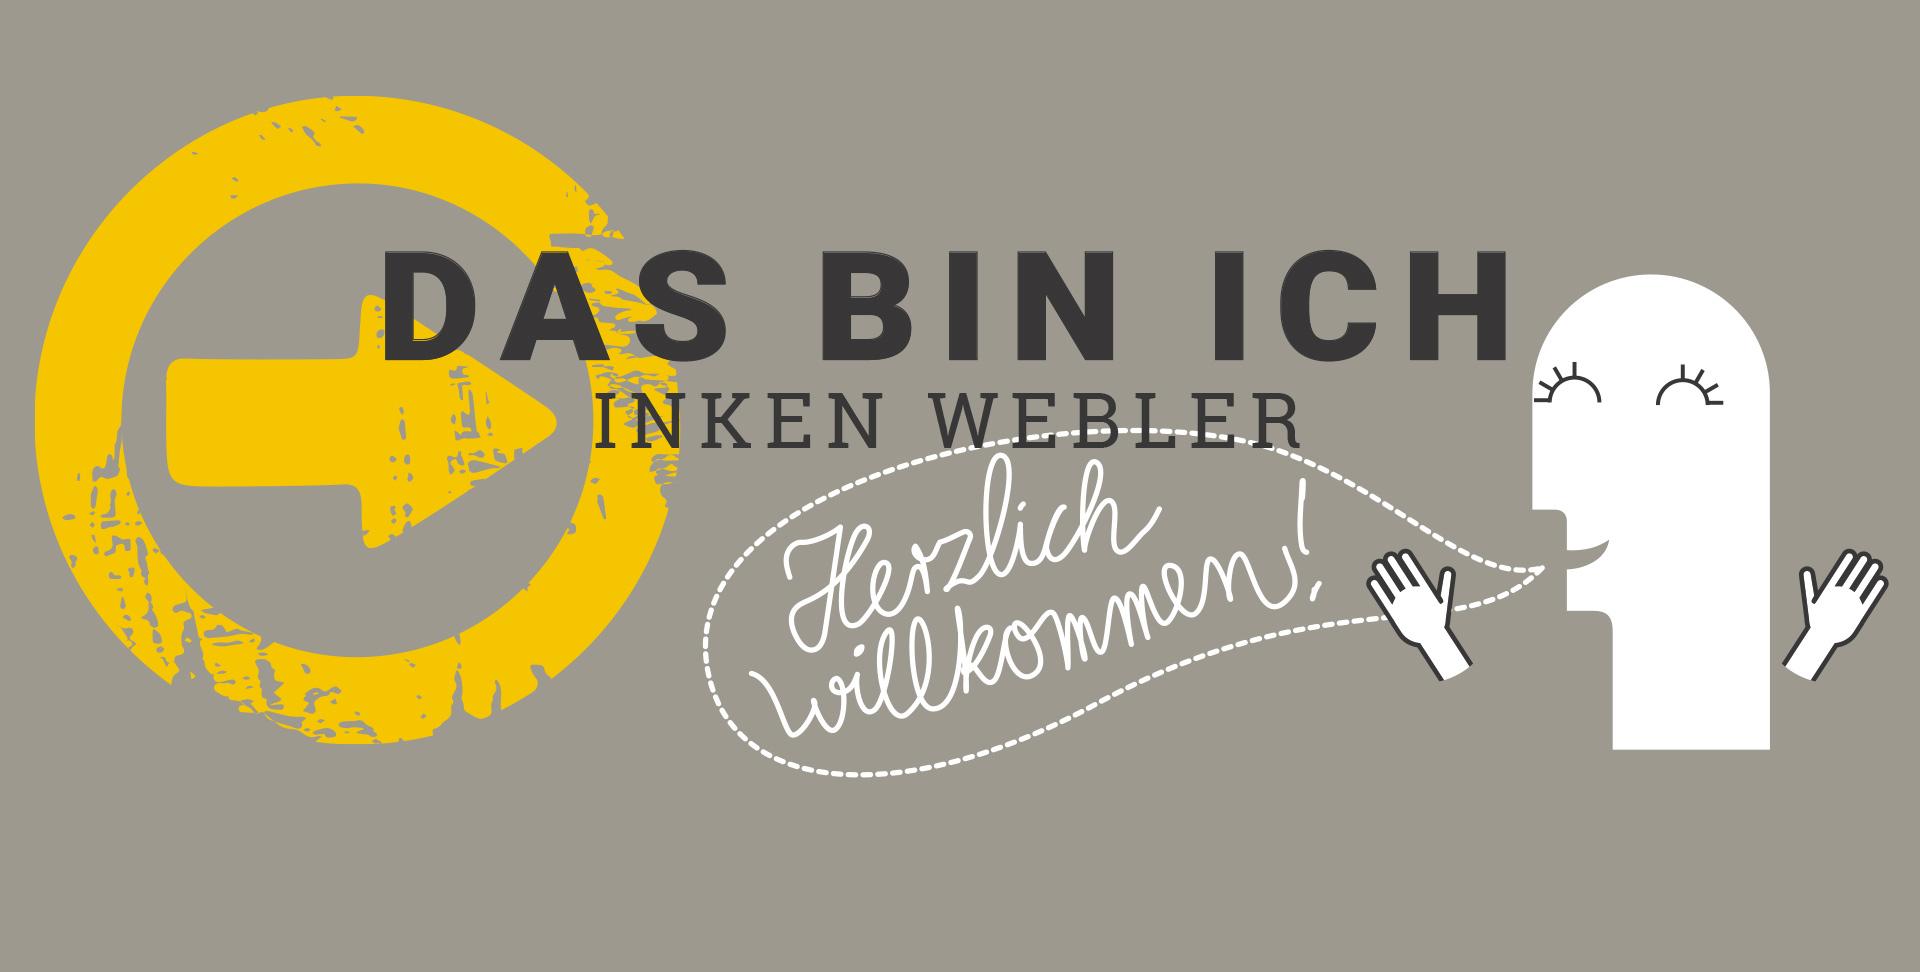 Schriftzug Das bin ich - Inken Webler, darunter ein sich freuendes Männchen mit einer Sprechblase: Herzlich willkommen!